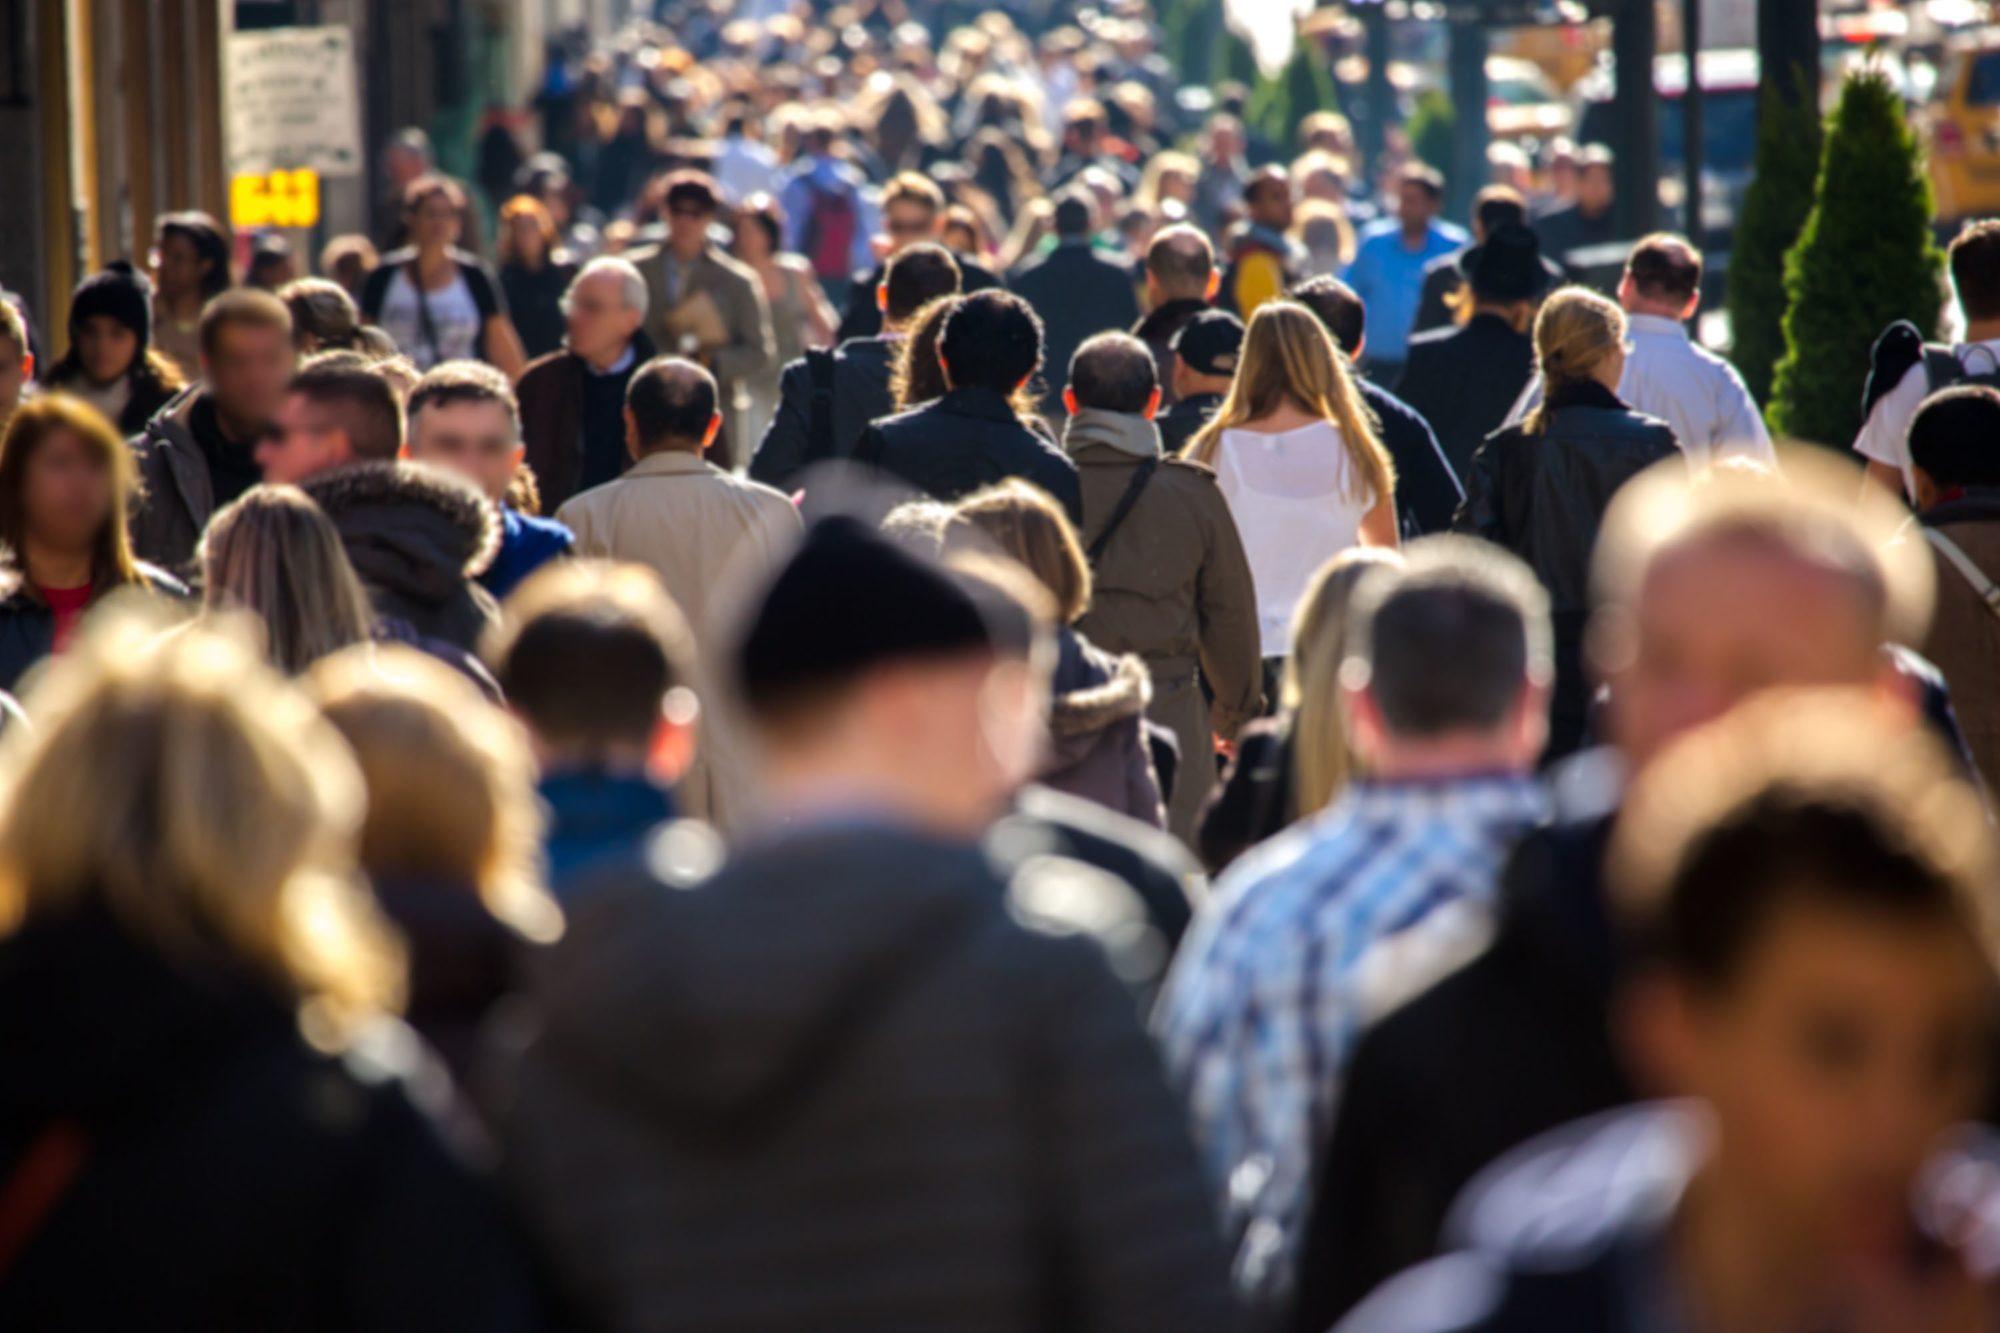 Нас таки порахують: перепис населення планують зробити у 2020 році - перепис населення - 20 perepys 2000x1333